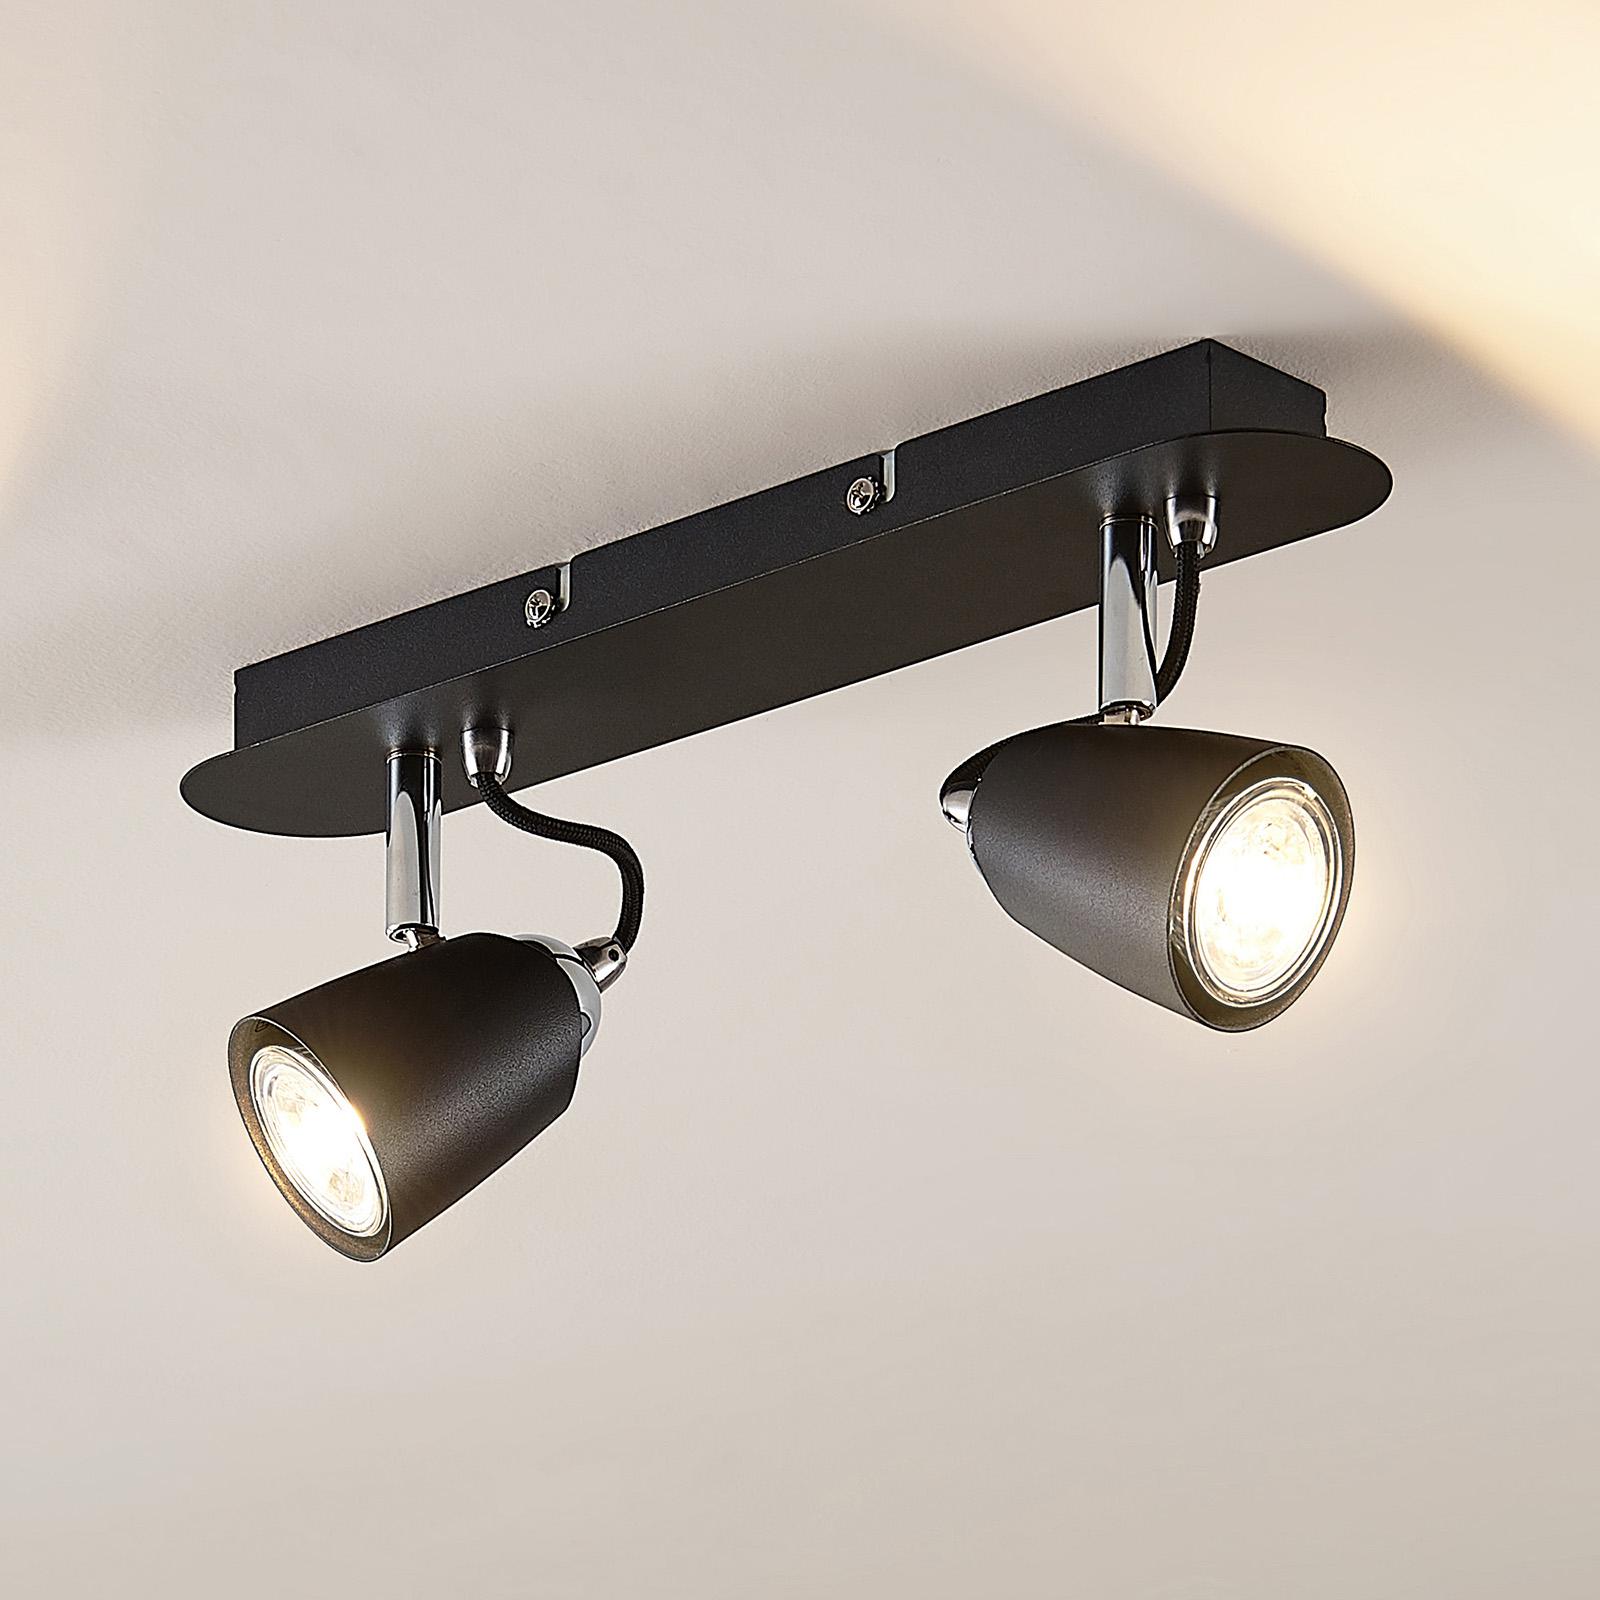 Lindby Noria -kattospotti musta, kaksilamppuinen